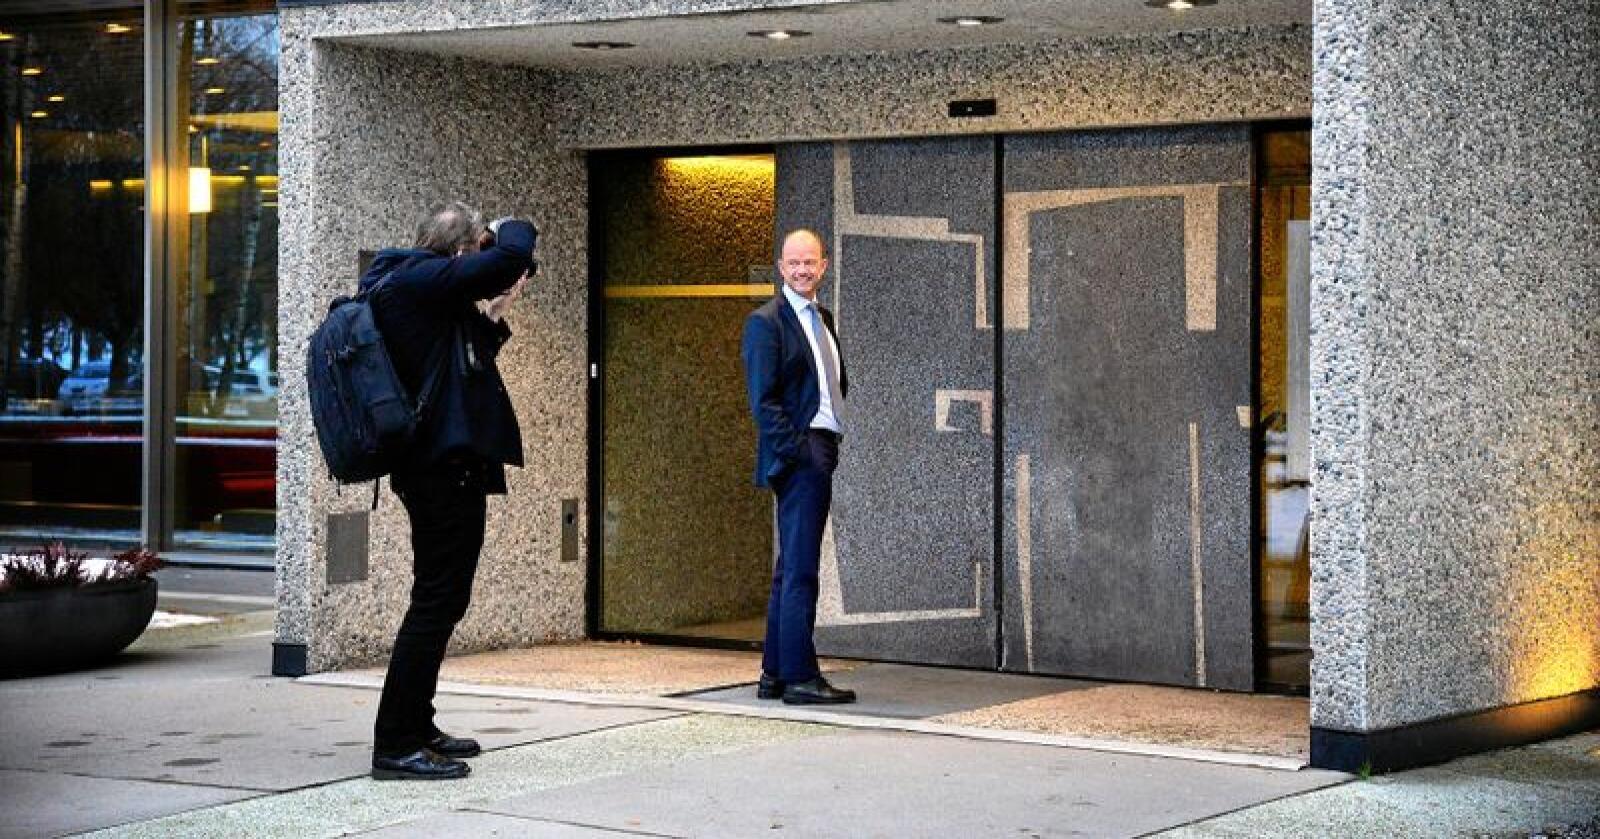 Ole Erik Almlid på vei inn i Næringslivts Hus på Majorstua i Oslo. Nylig fikk han jobben som administrerende direktør i Næringslivets Hovedorganisasjon (NHO). Foto: Siri Juell Rasmussen